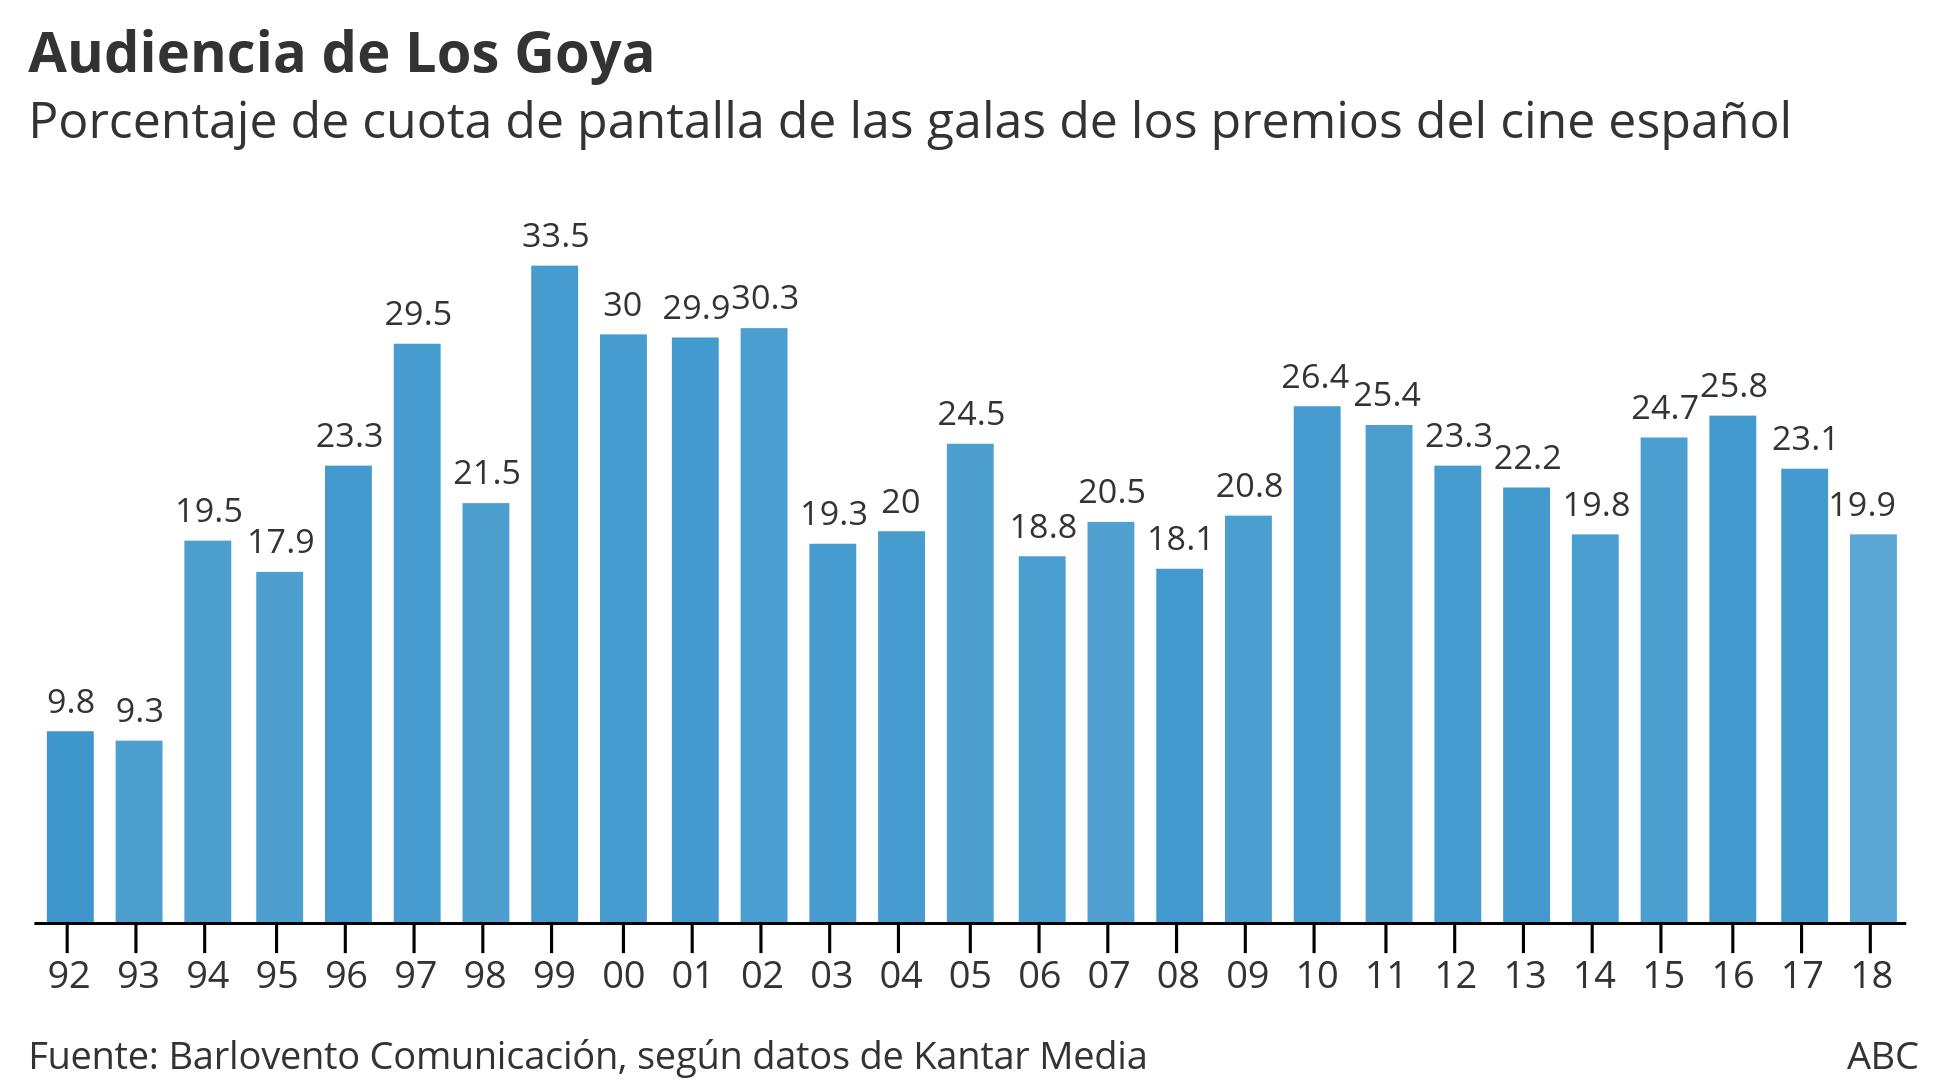 Datos de audiencia de los Goya